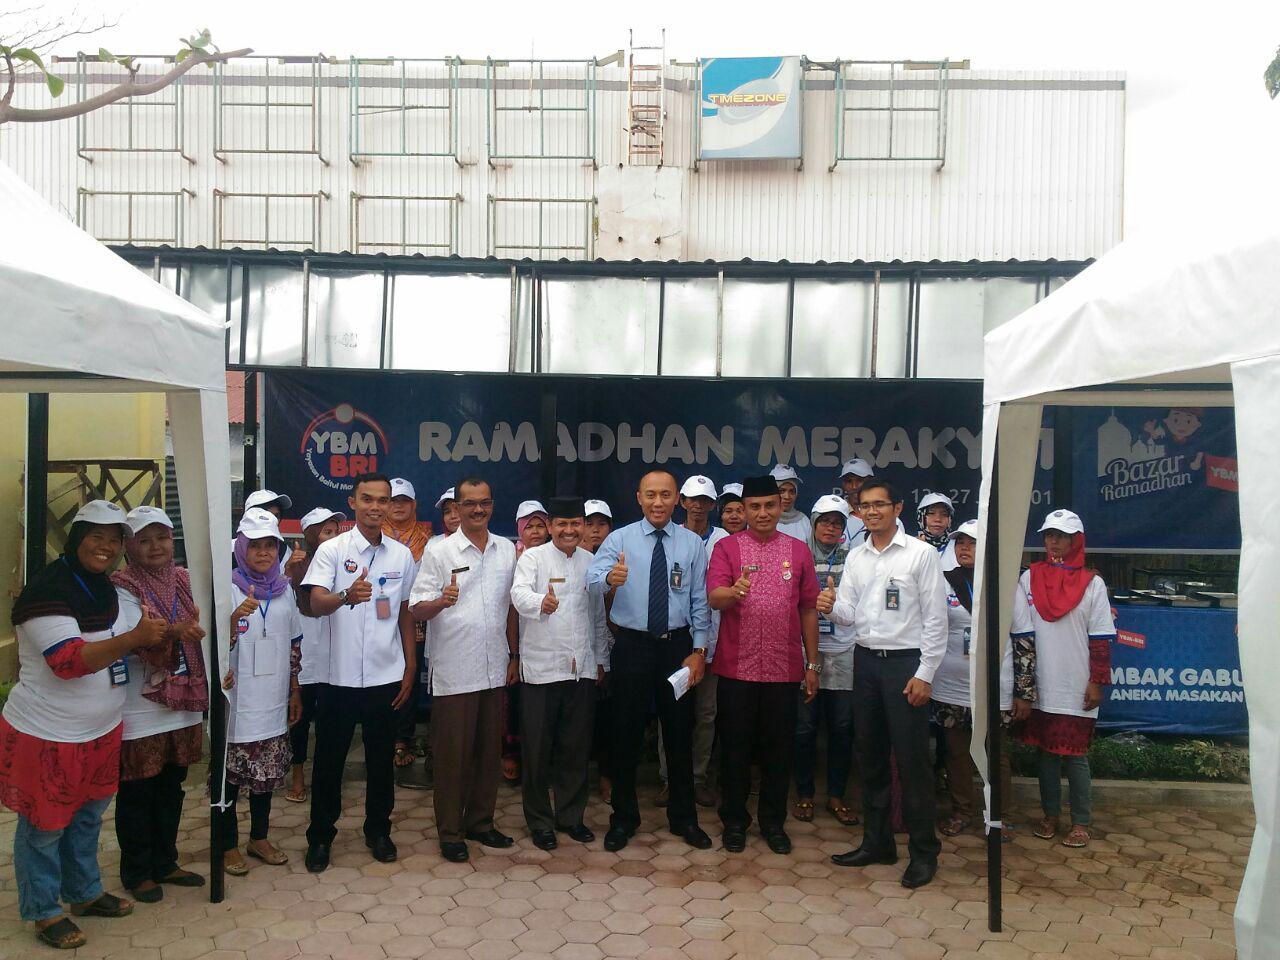 Bazar Ramadhan Kanwil Padang Yayasan Baitul Maal